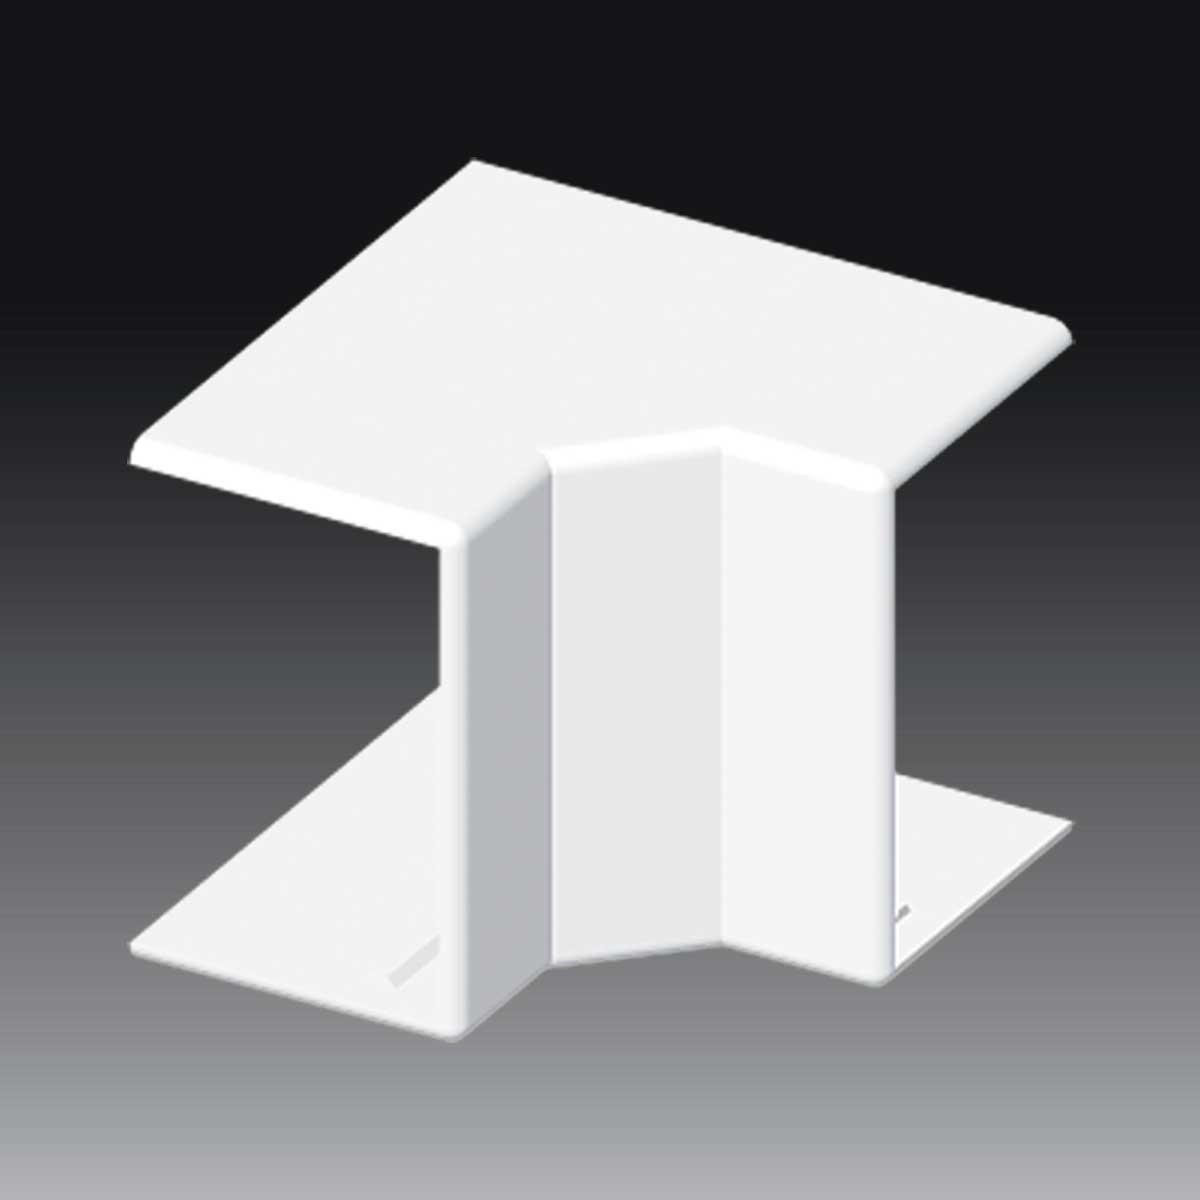 Кут внутрішній (регульований) для LH 60x40 білого кольору; Серія LH; ПВХ